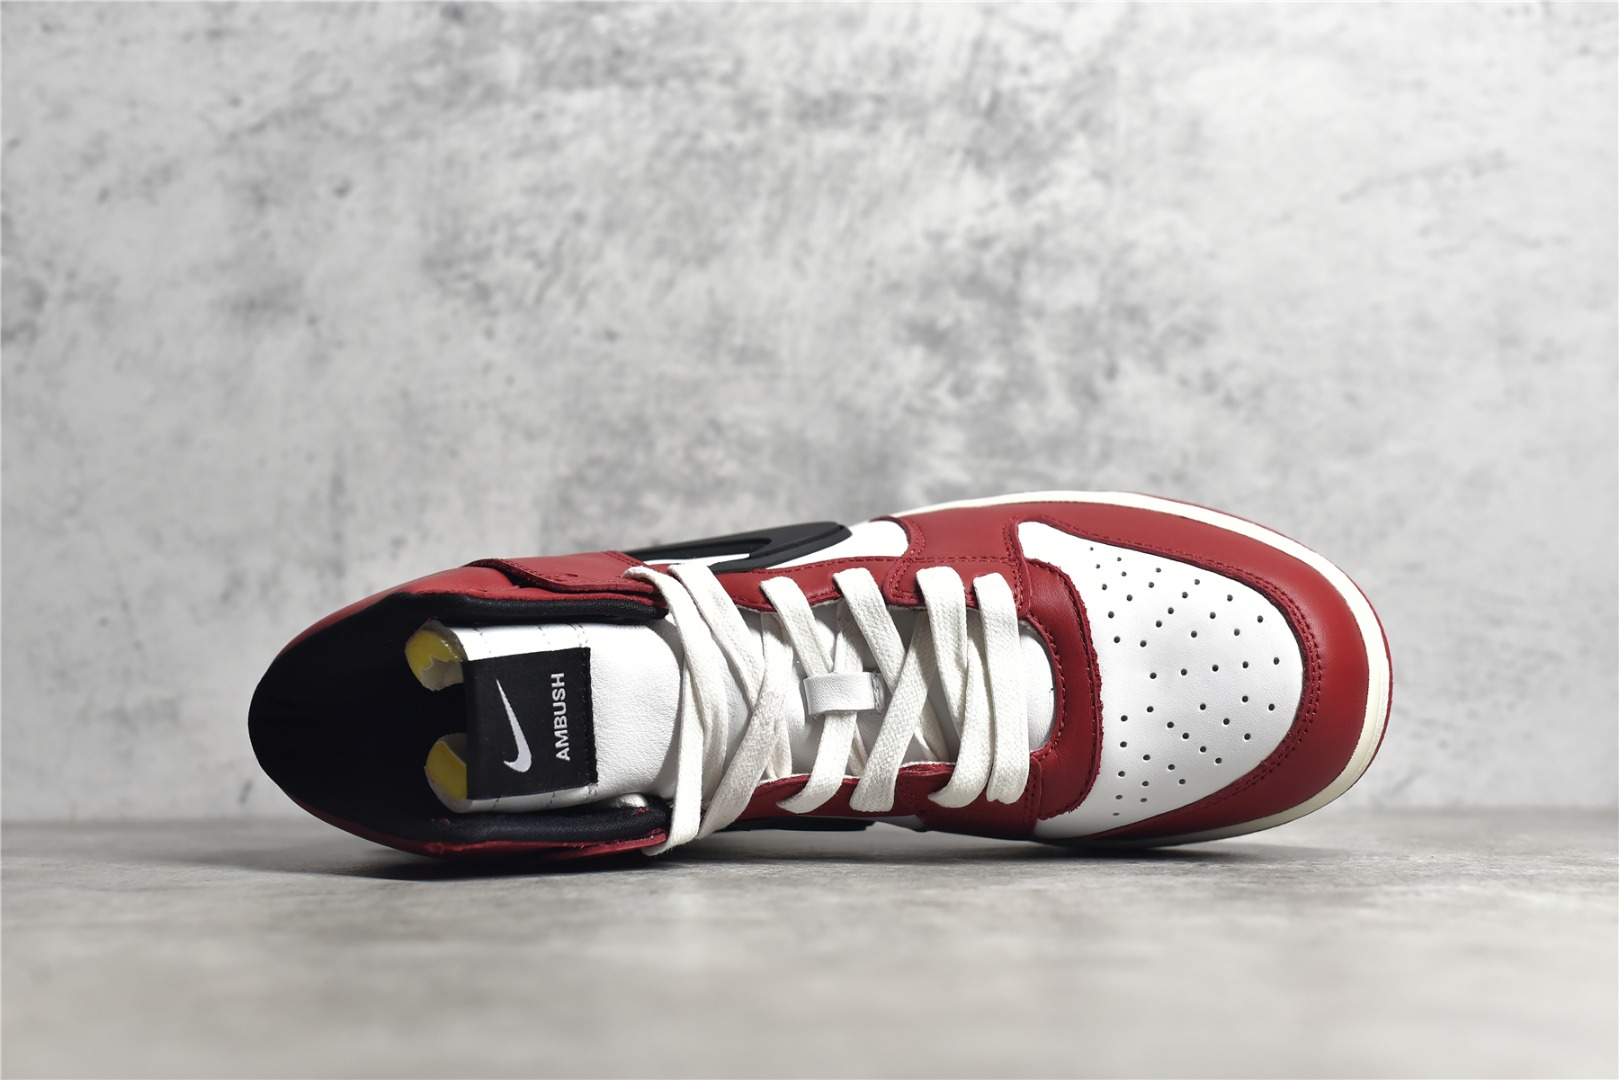 耐克Dunk AMBUSH联名芝加哥配色 AMBUSH x Nike Dunk High 耐克Dunk白红高帮 货号:CU7544-102-潮流者之家